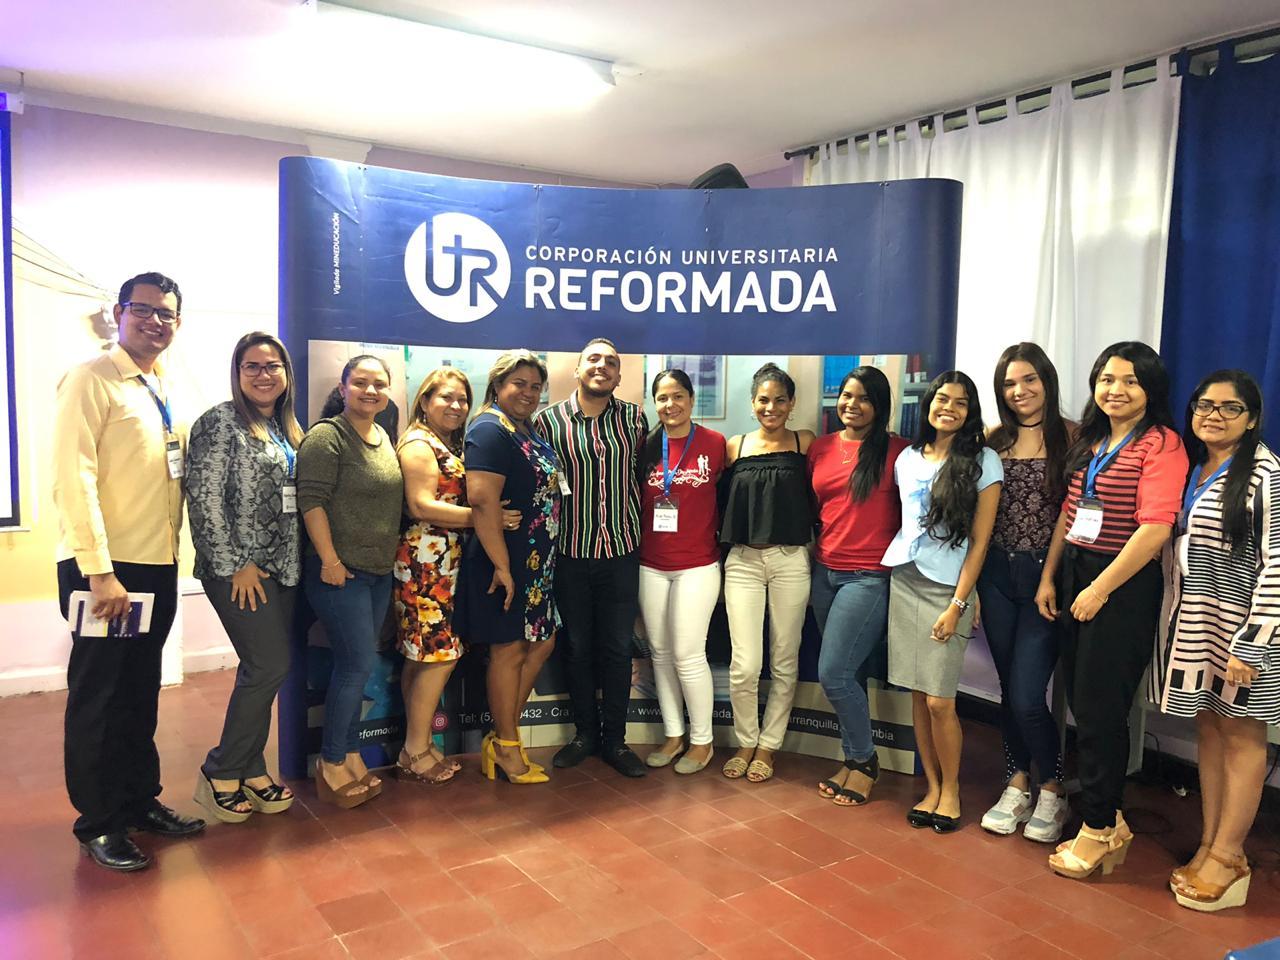 Equipo de trabajo del semillero SEBILINGÜE. Directora programa Dionne Navarro, estudiantes, asesores y pares evaluadores.